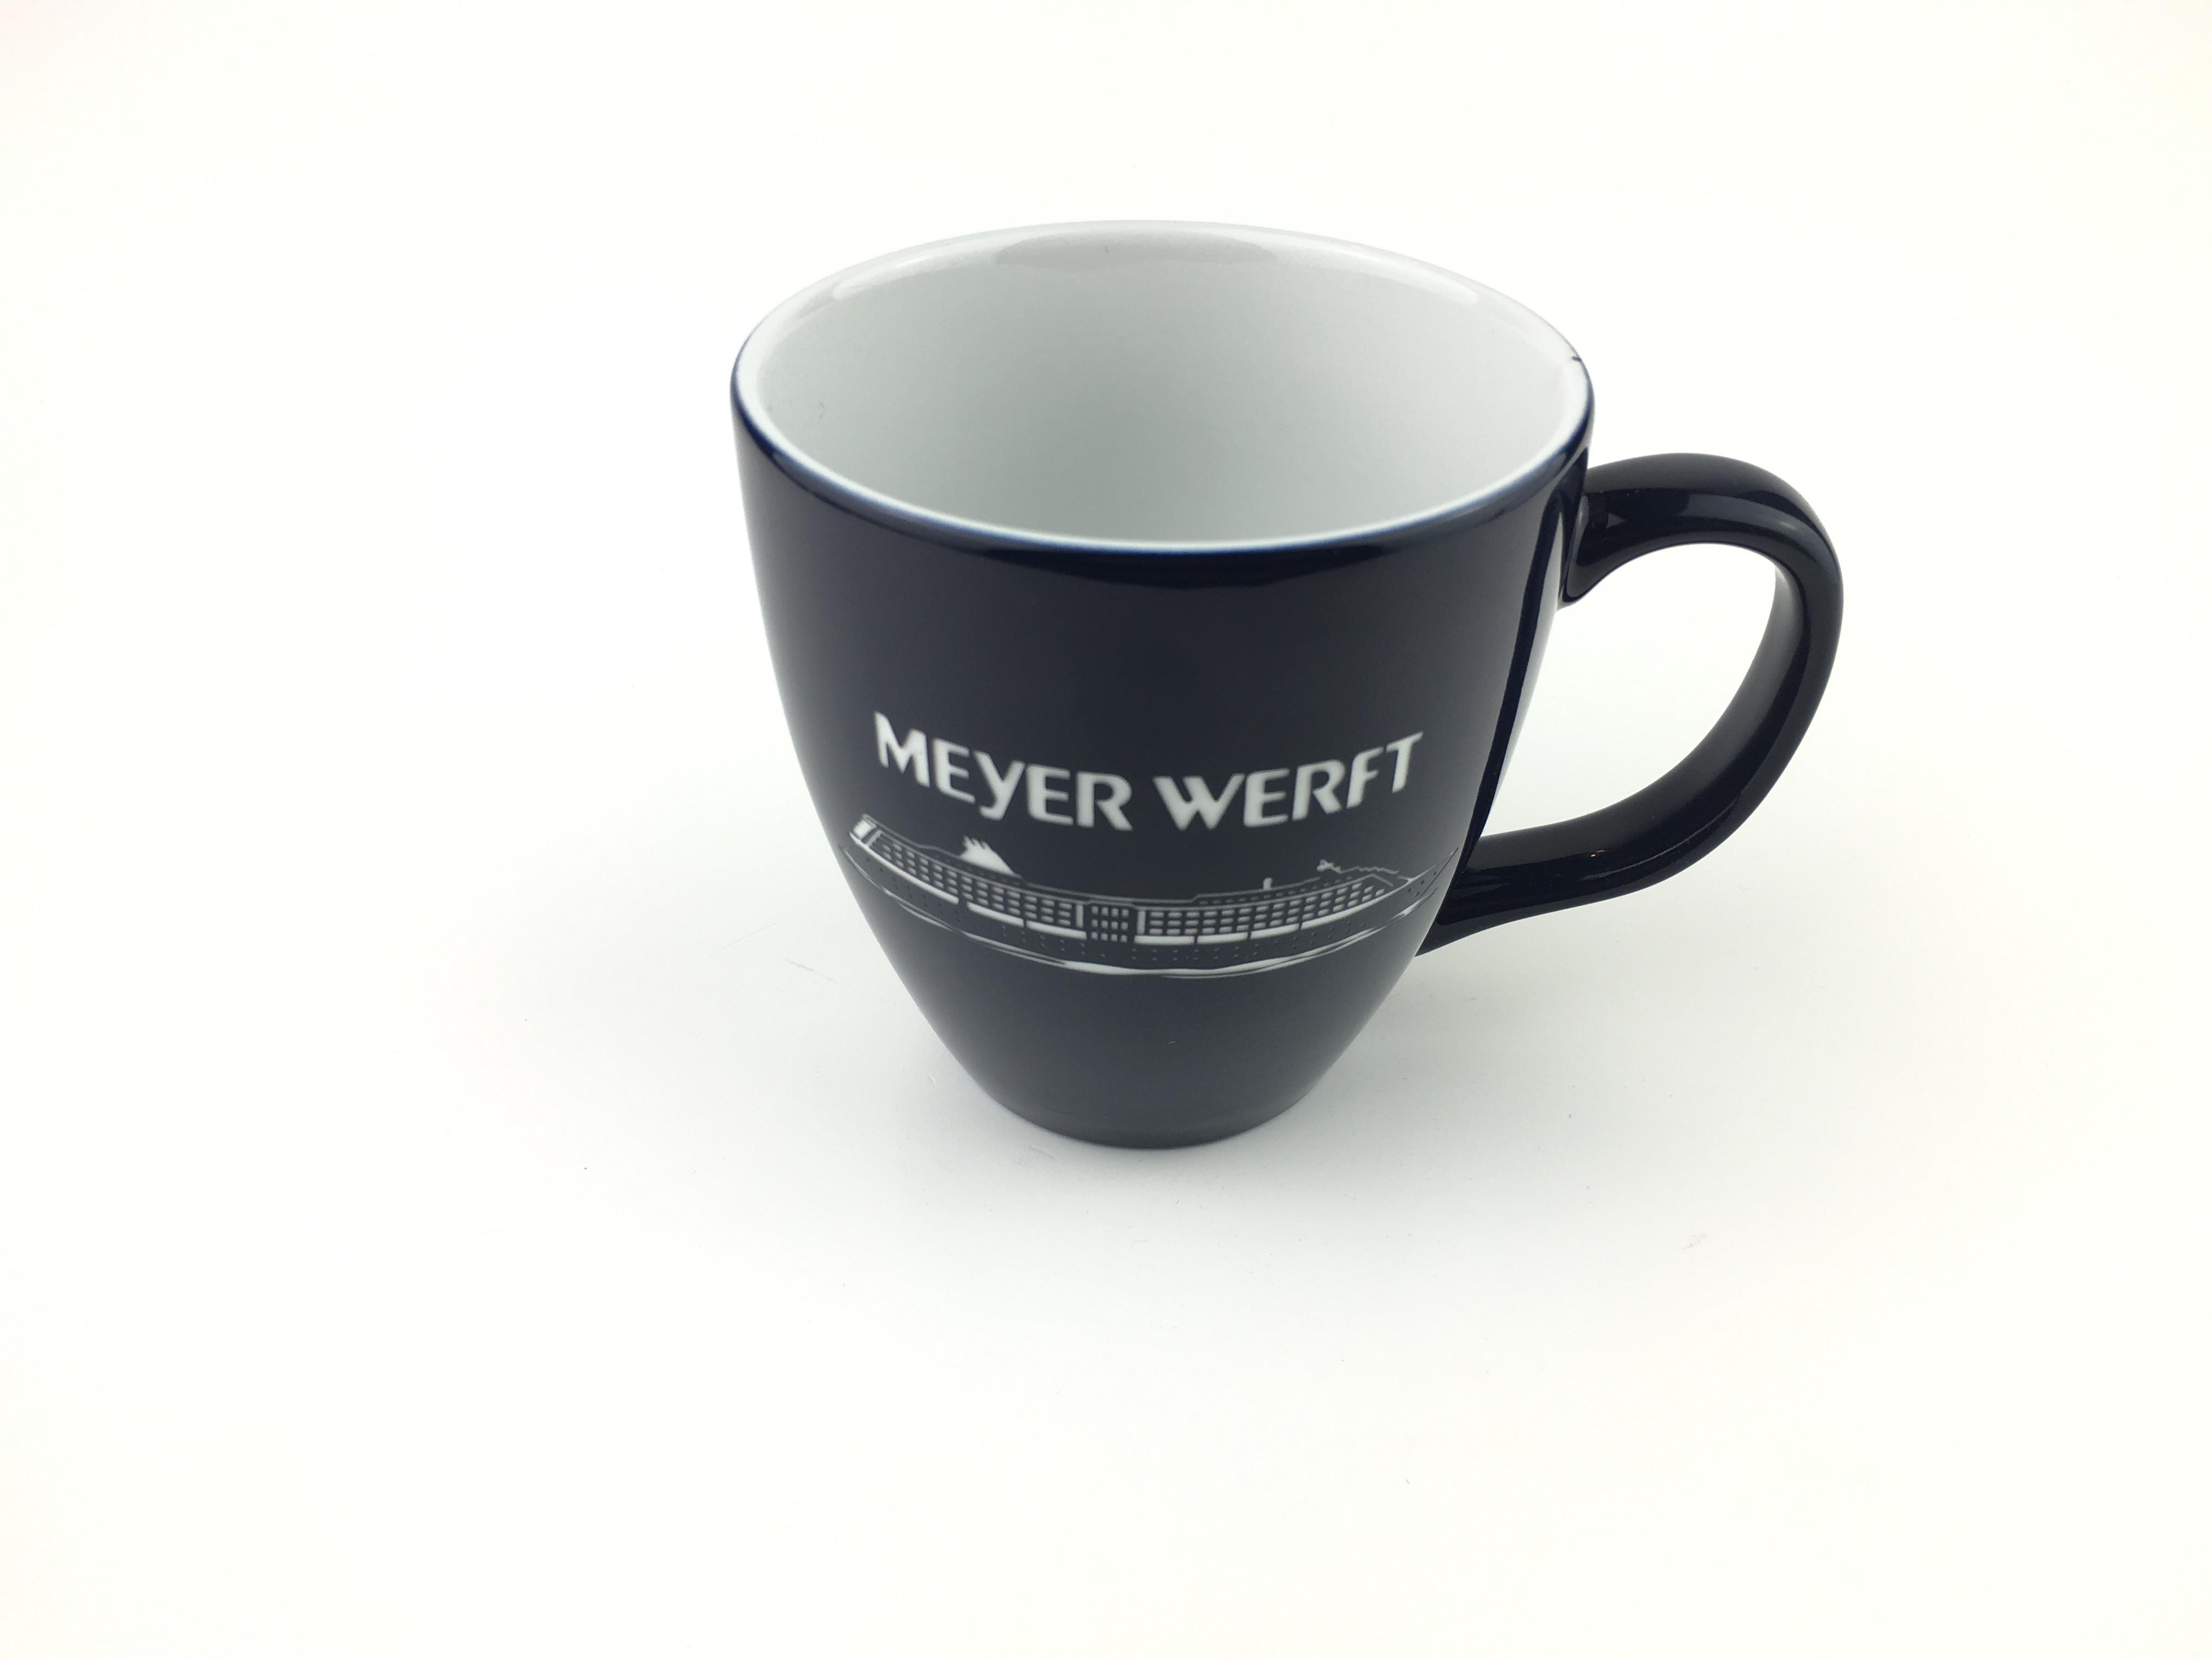 Meyer Werft Tasse, graviert